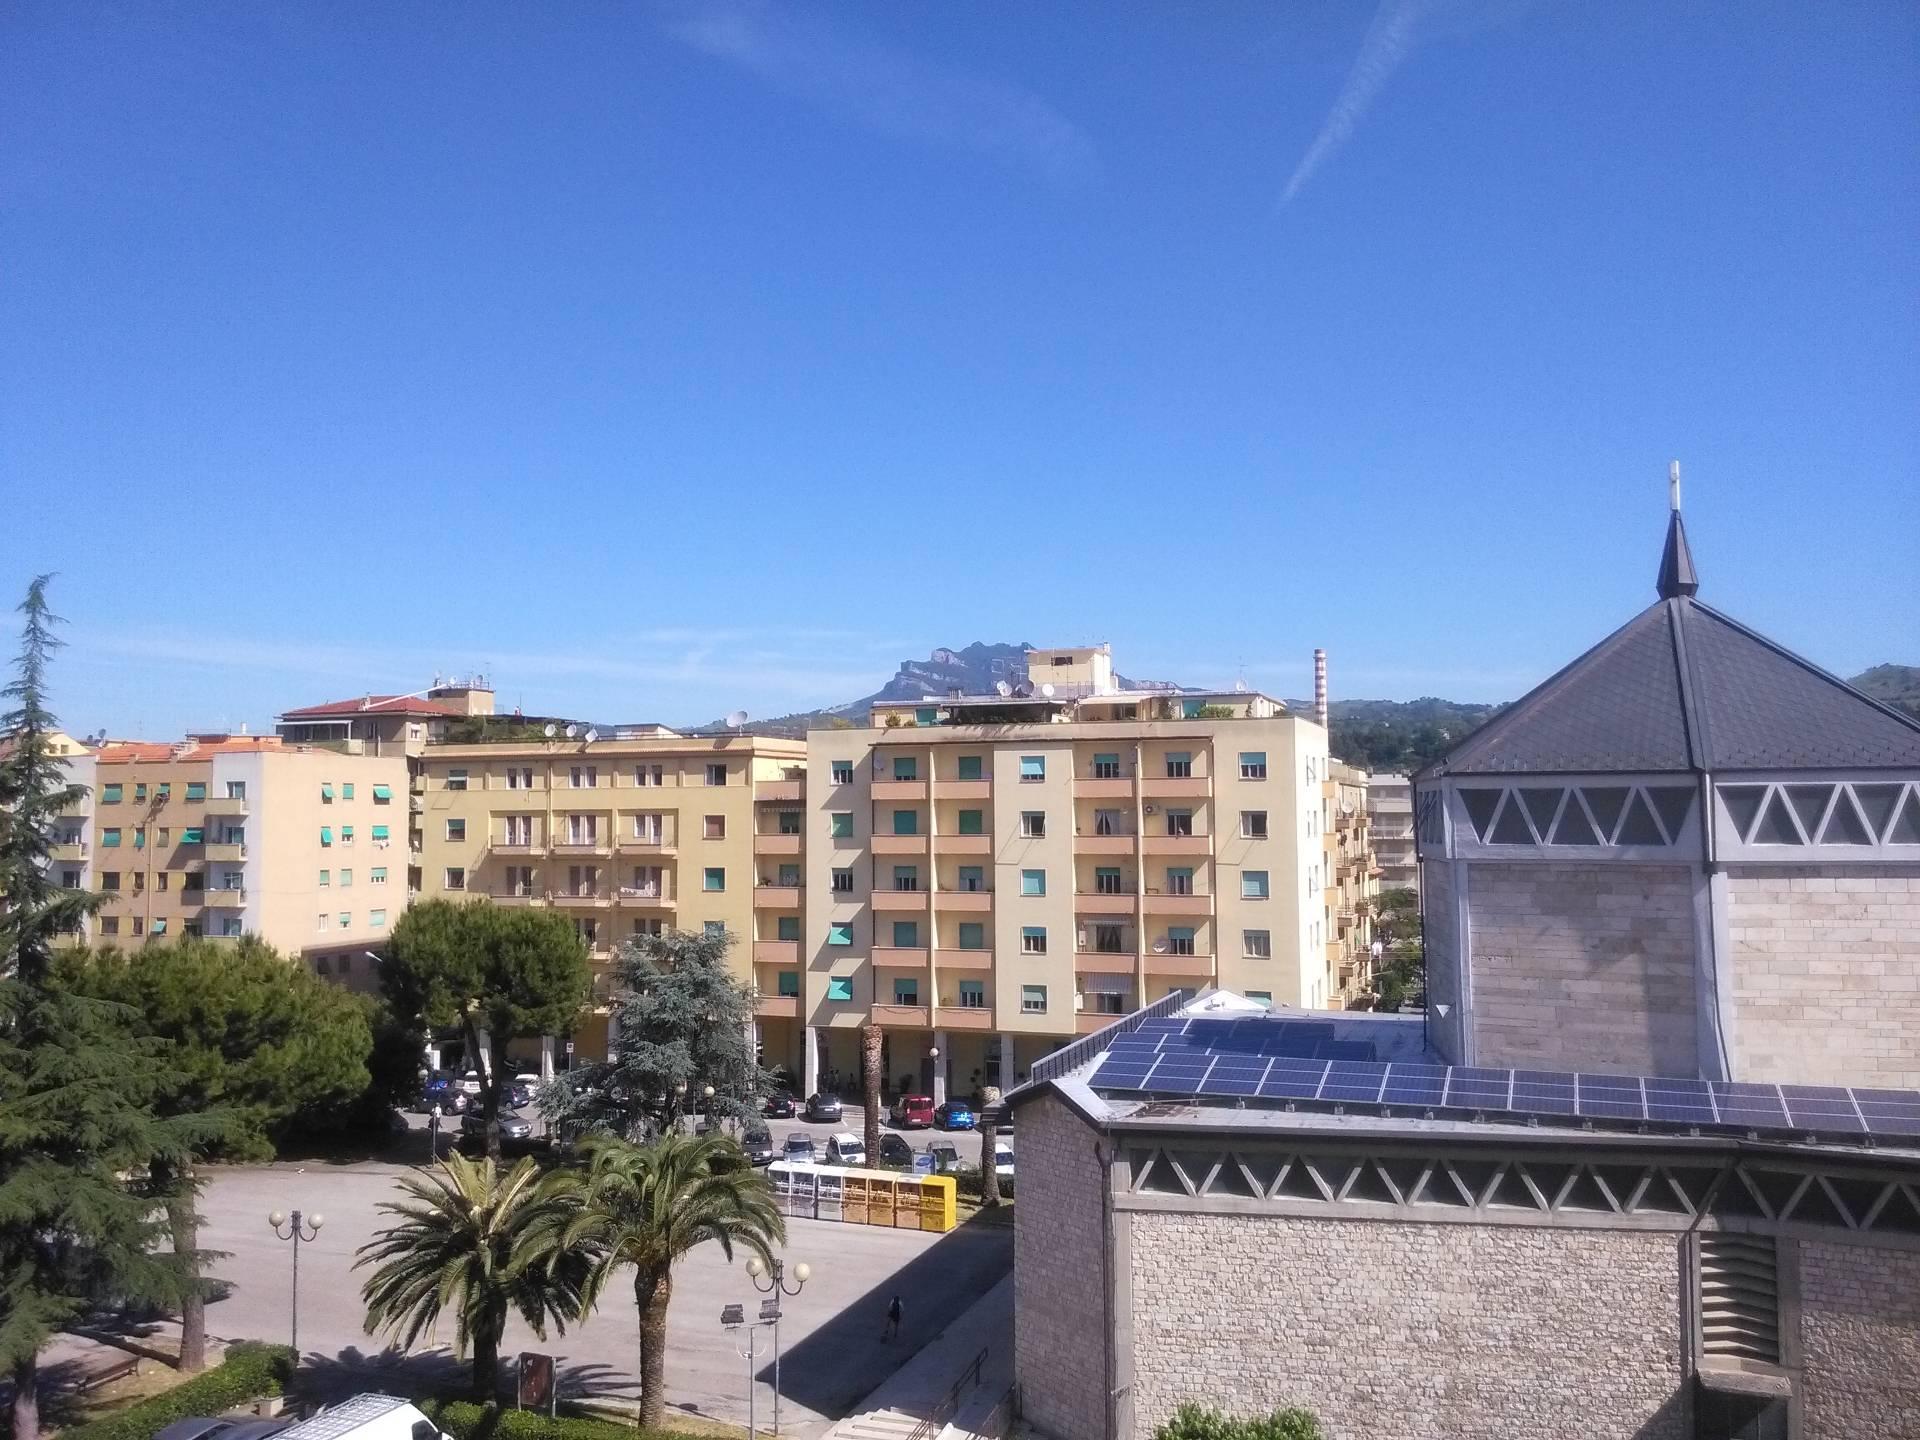 Appartamento in vendita a Ascoli Piceno, 6 locali, zona Località: PiazzaImmacolata, prezzo € 130.000 | Cambio Casa.it